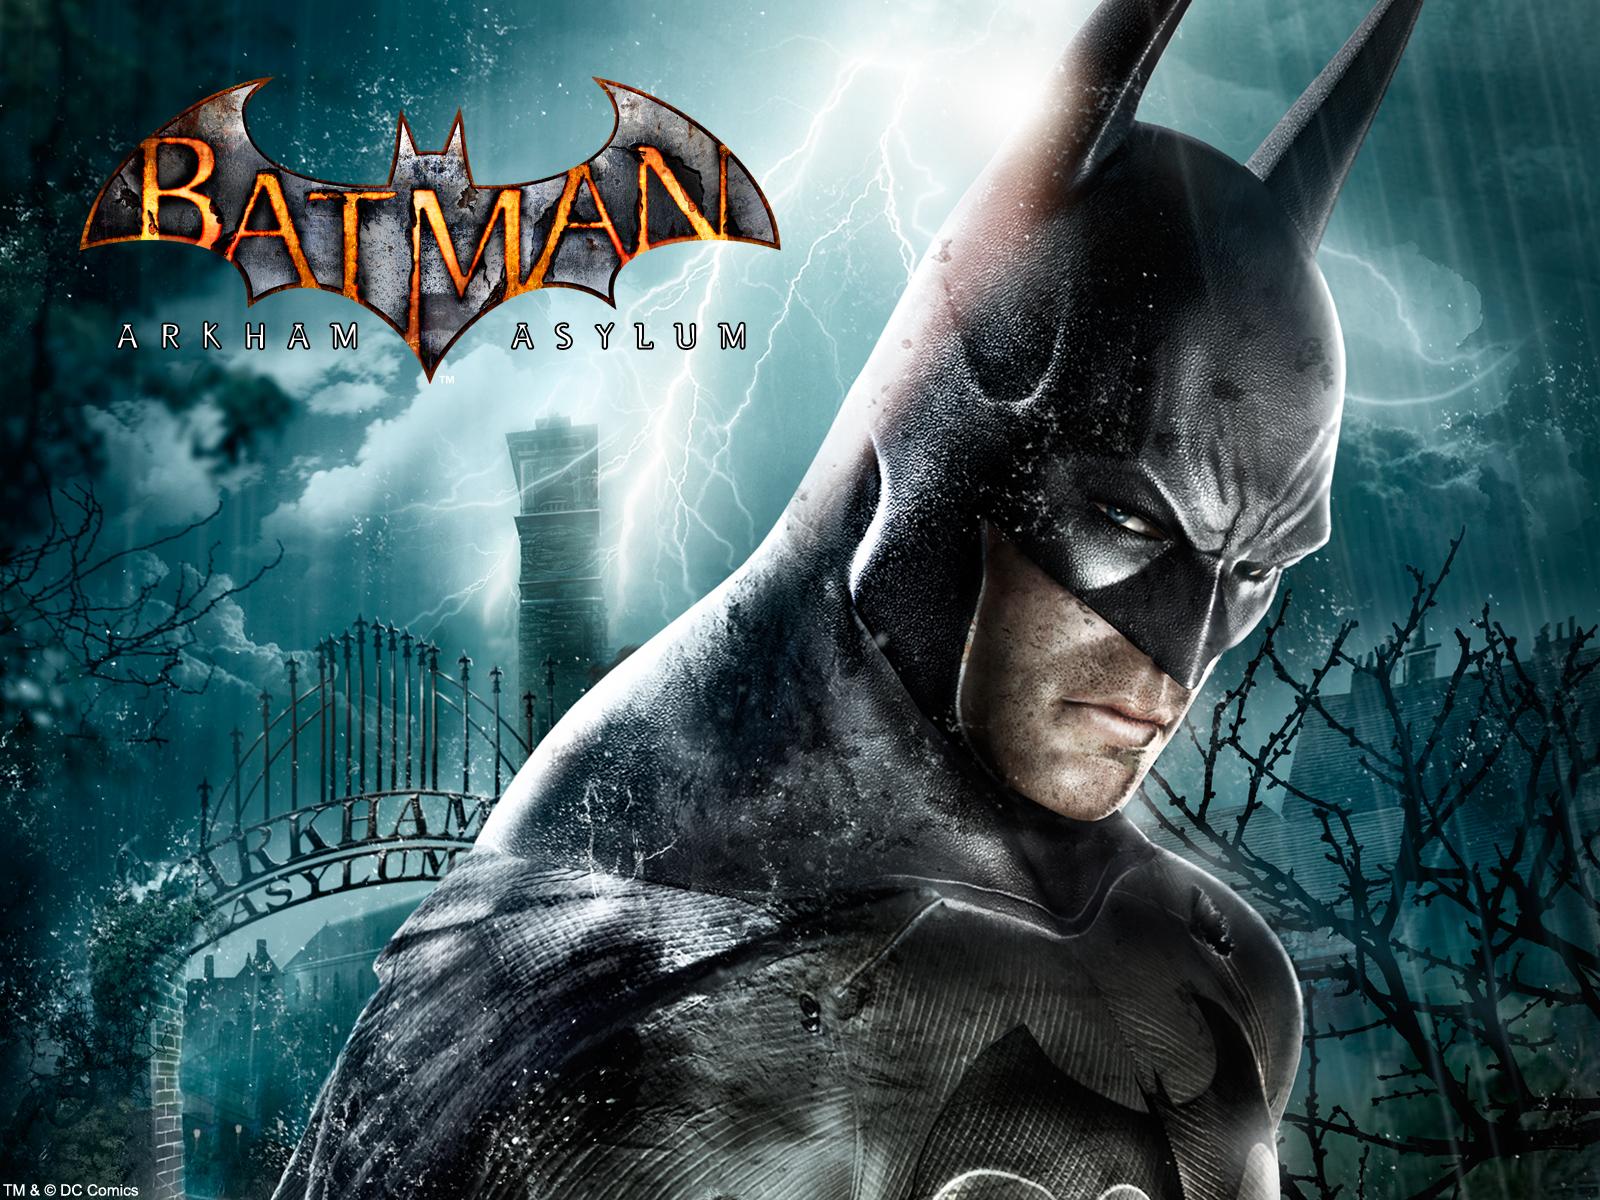 Batman Arkham Asylum desktop wallpaper 1600x1200